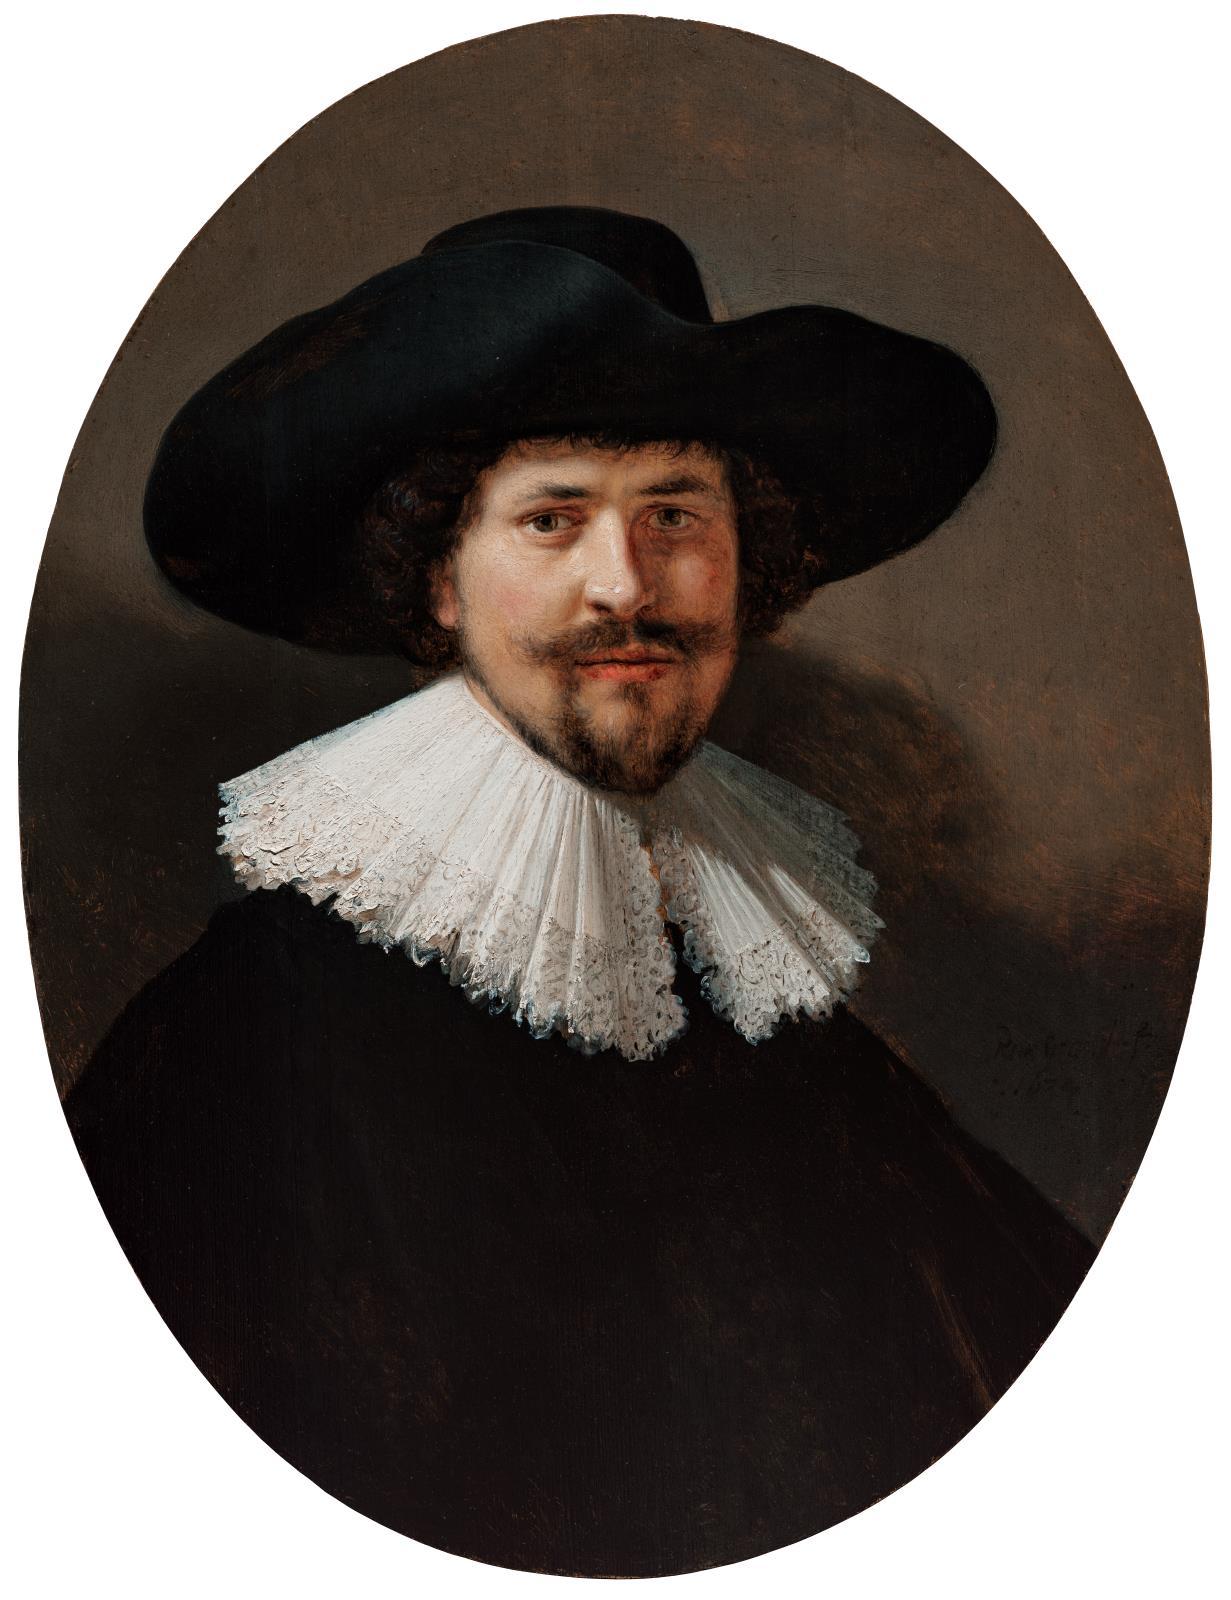 74de42ce6d253 Portrait of a Man Wearing a Black Hat